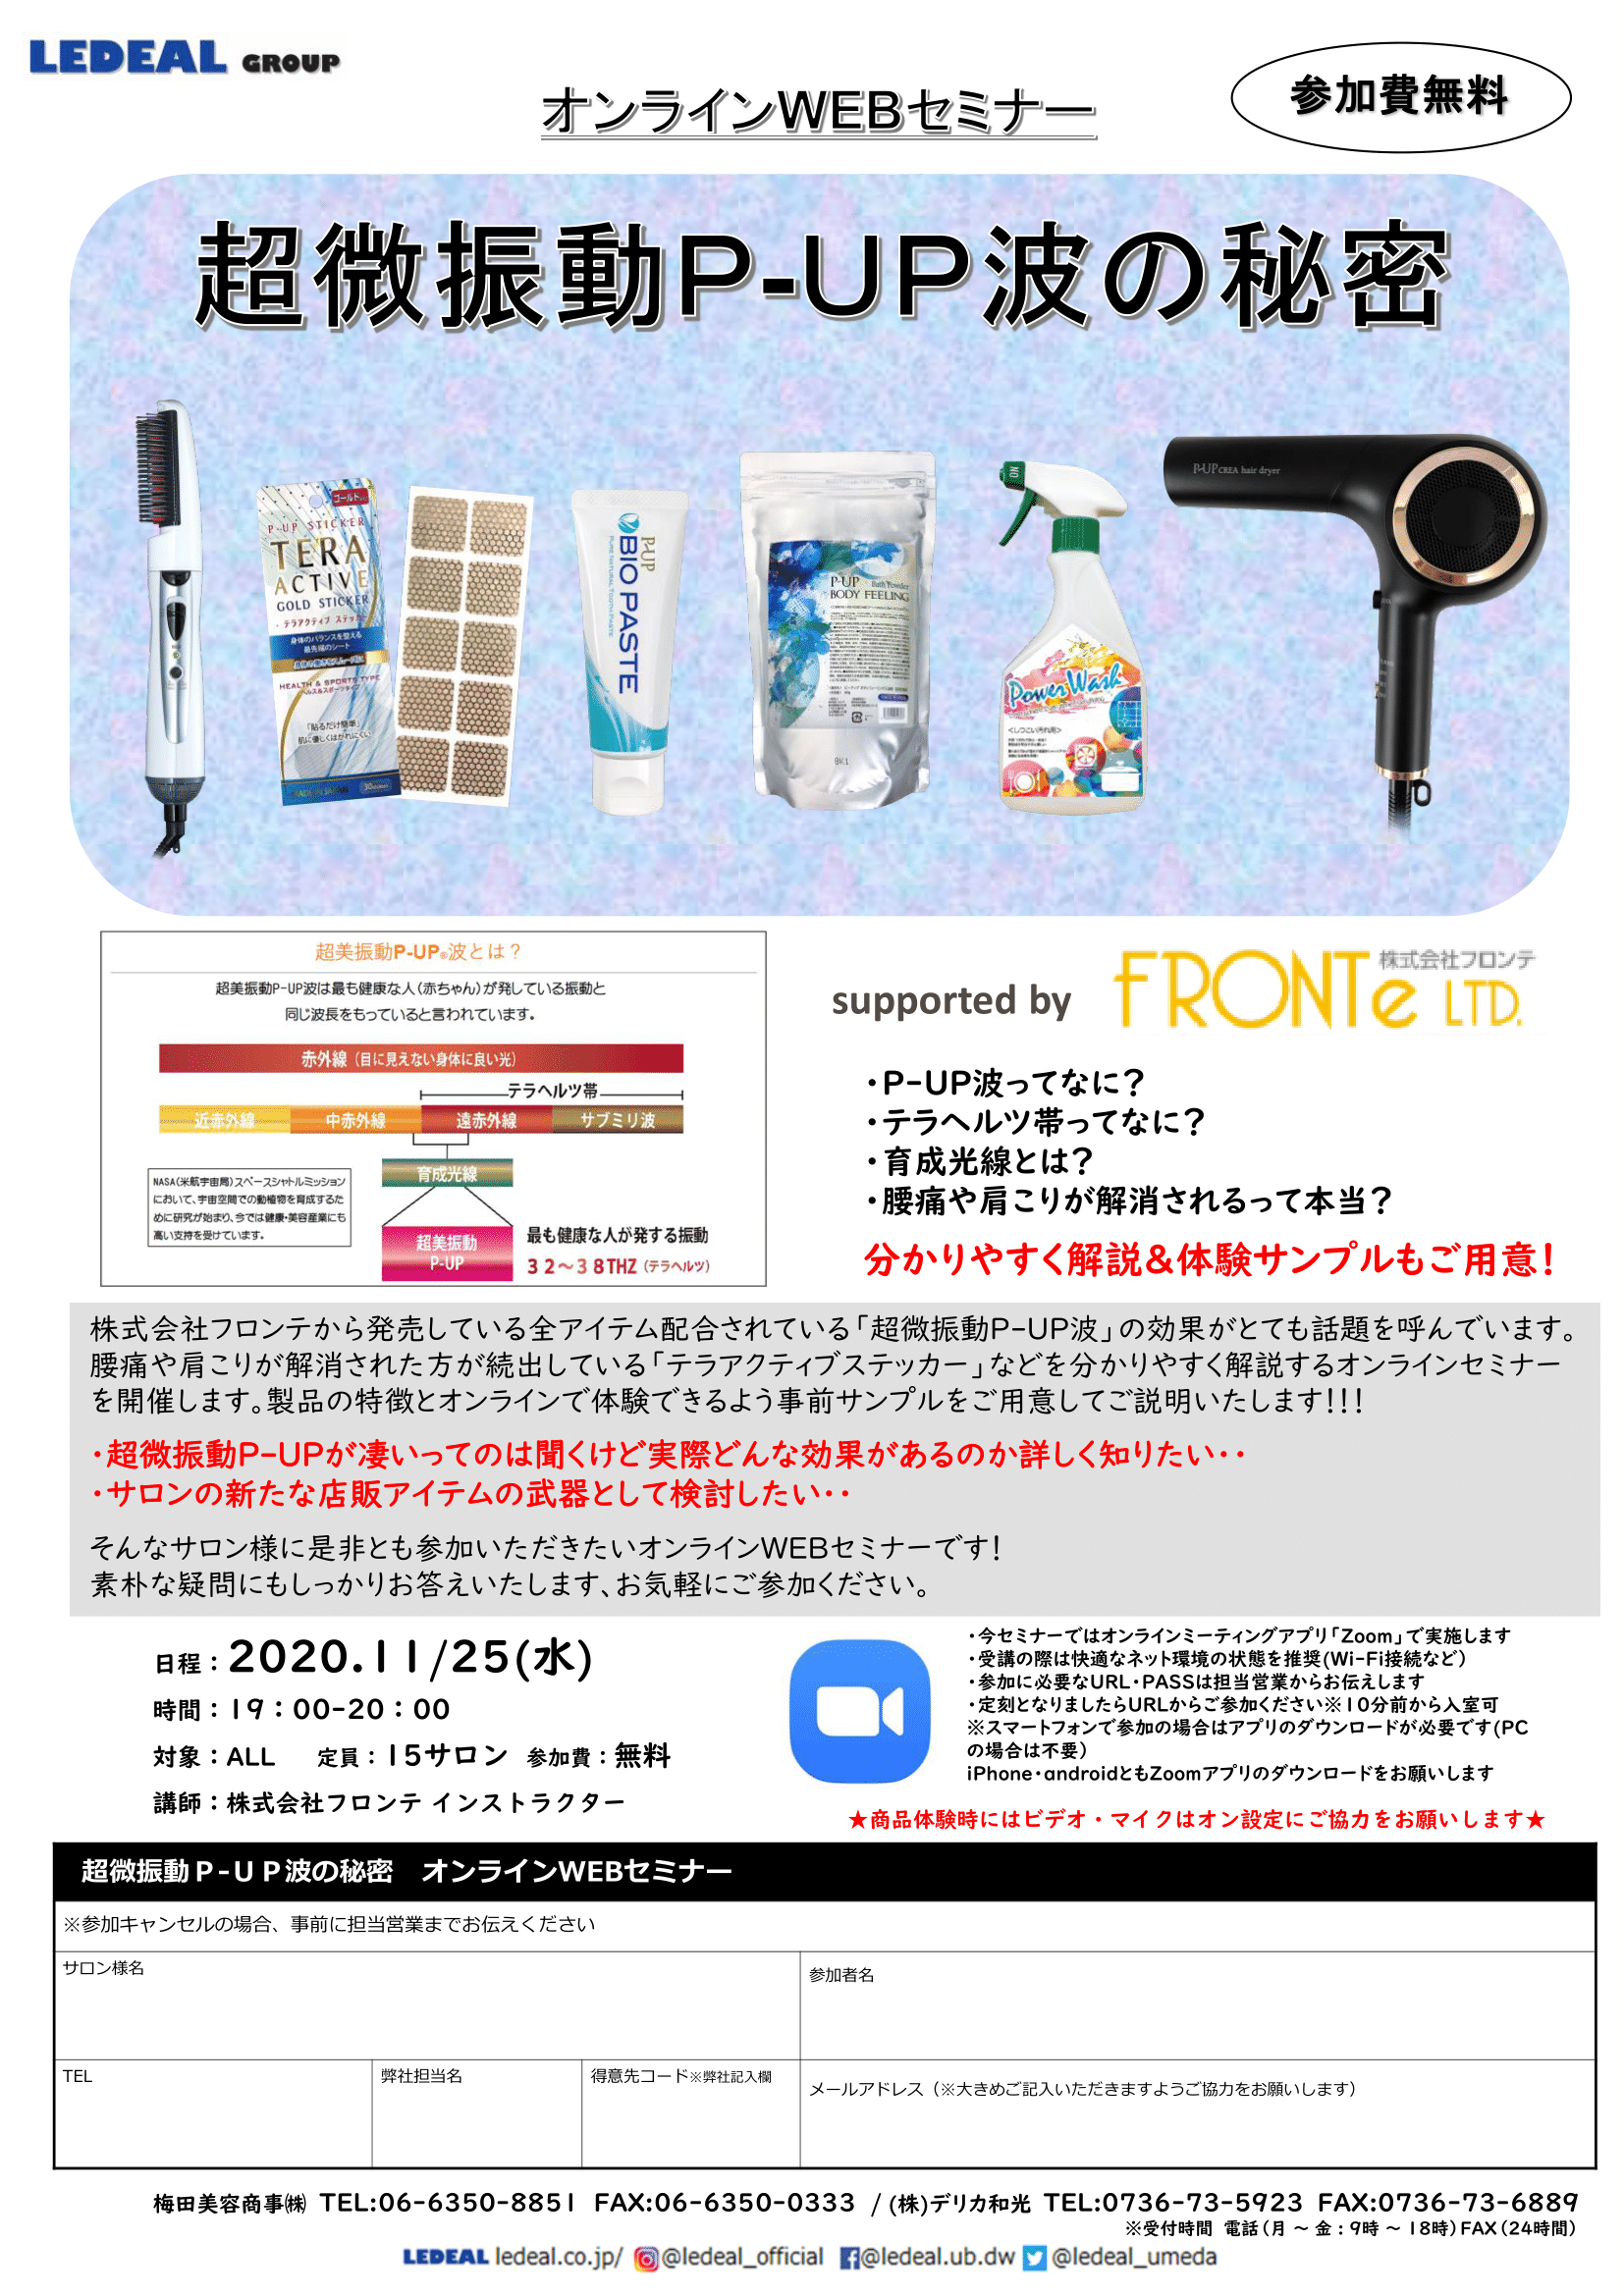 【大阪WEB開催『超微振動P-UP波の秘密 オンラインWEBセミナー』